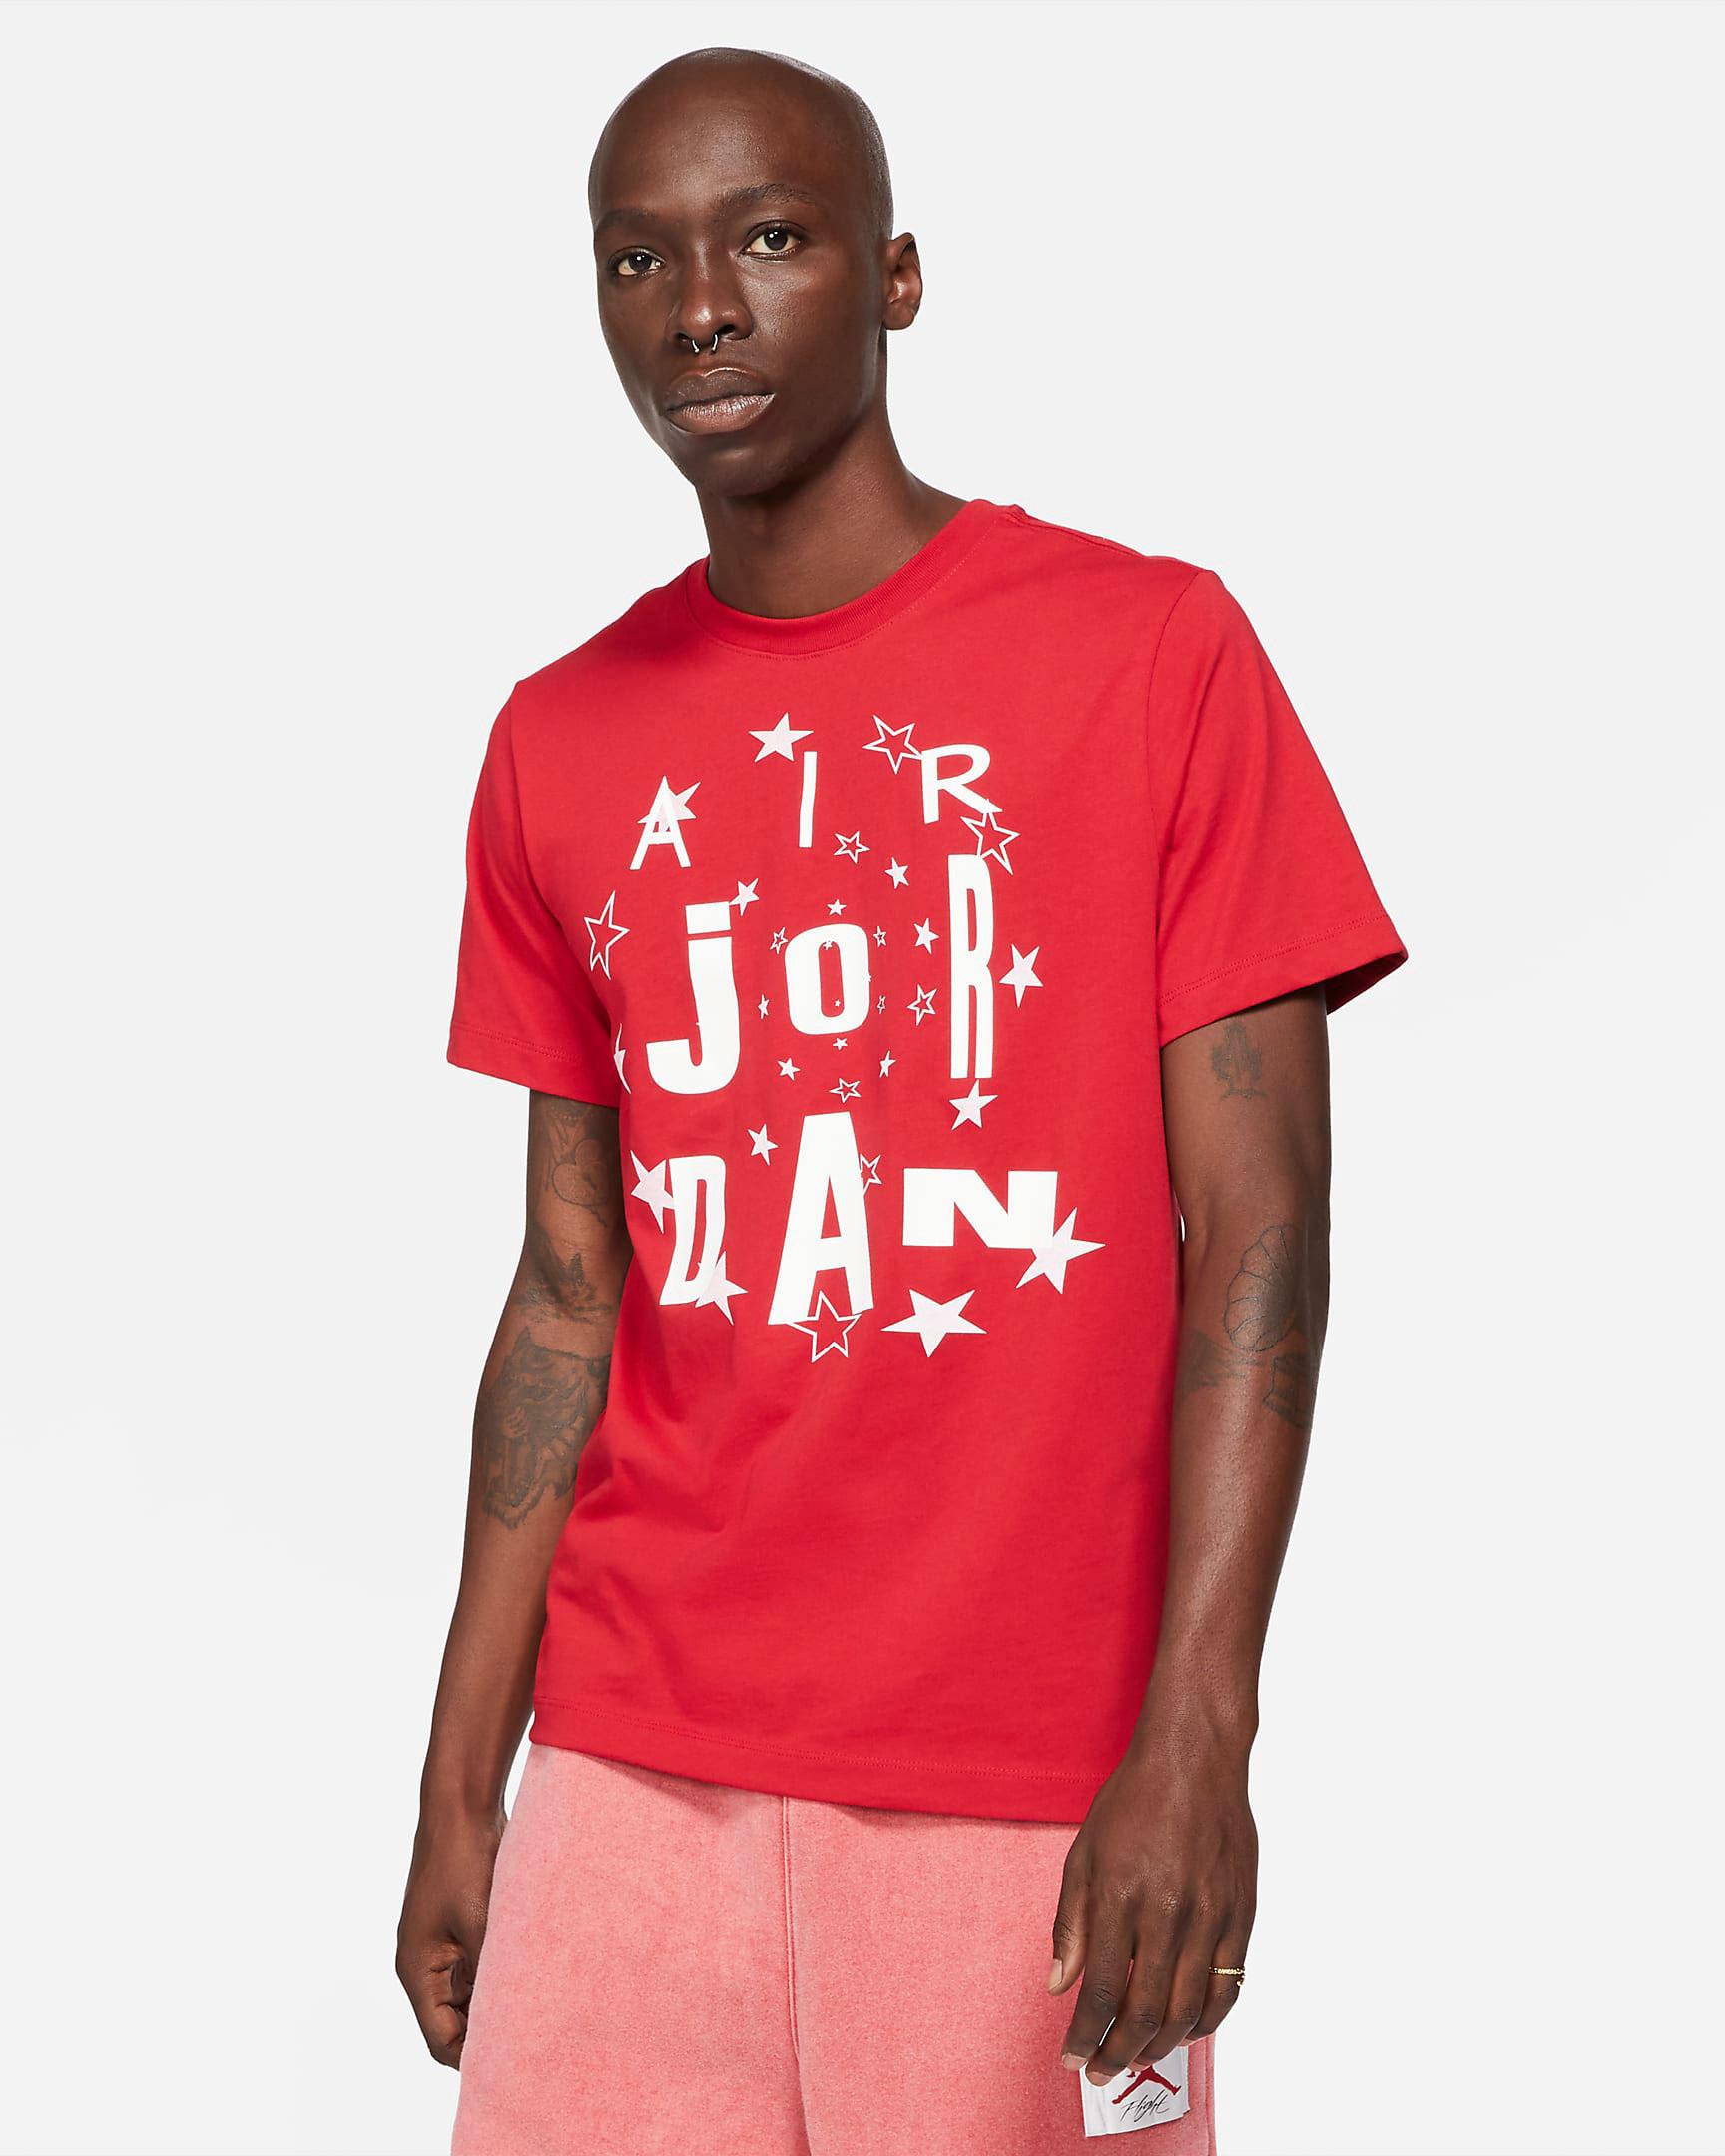 carmine-air-jordan-6-2021-shirt